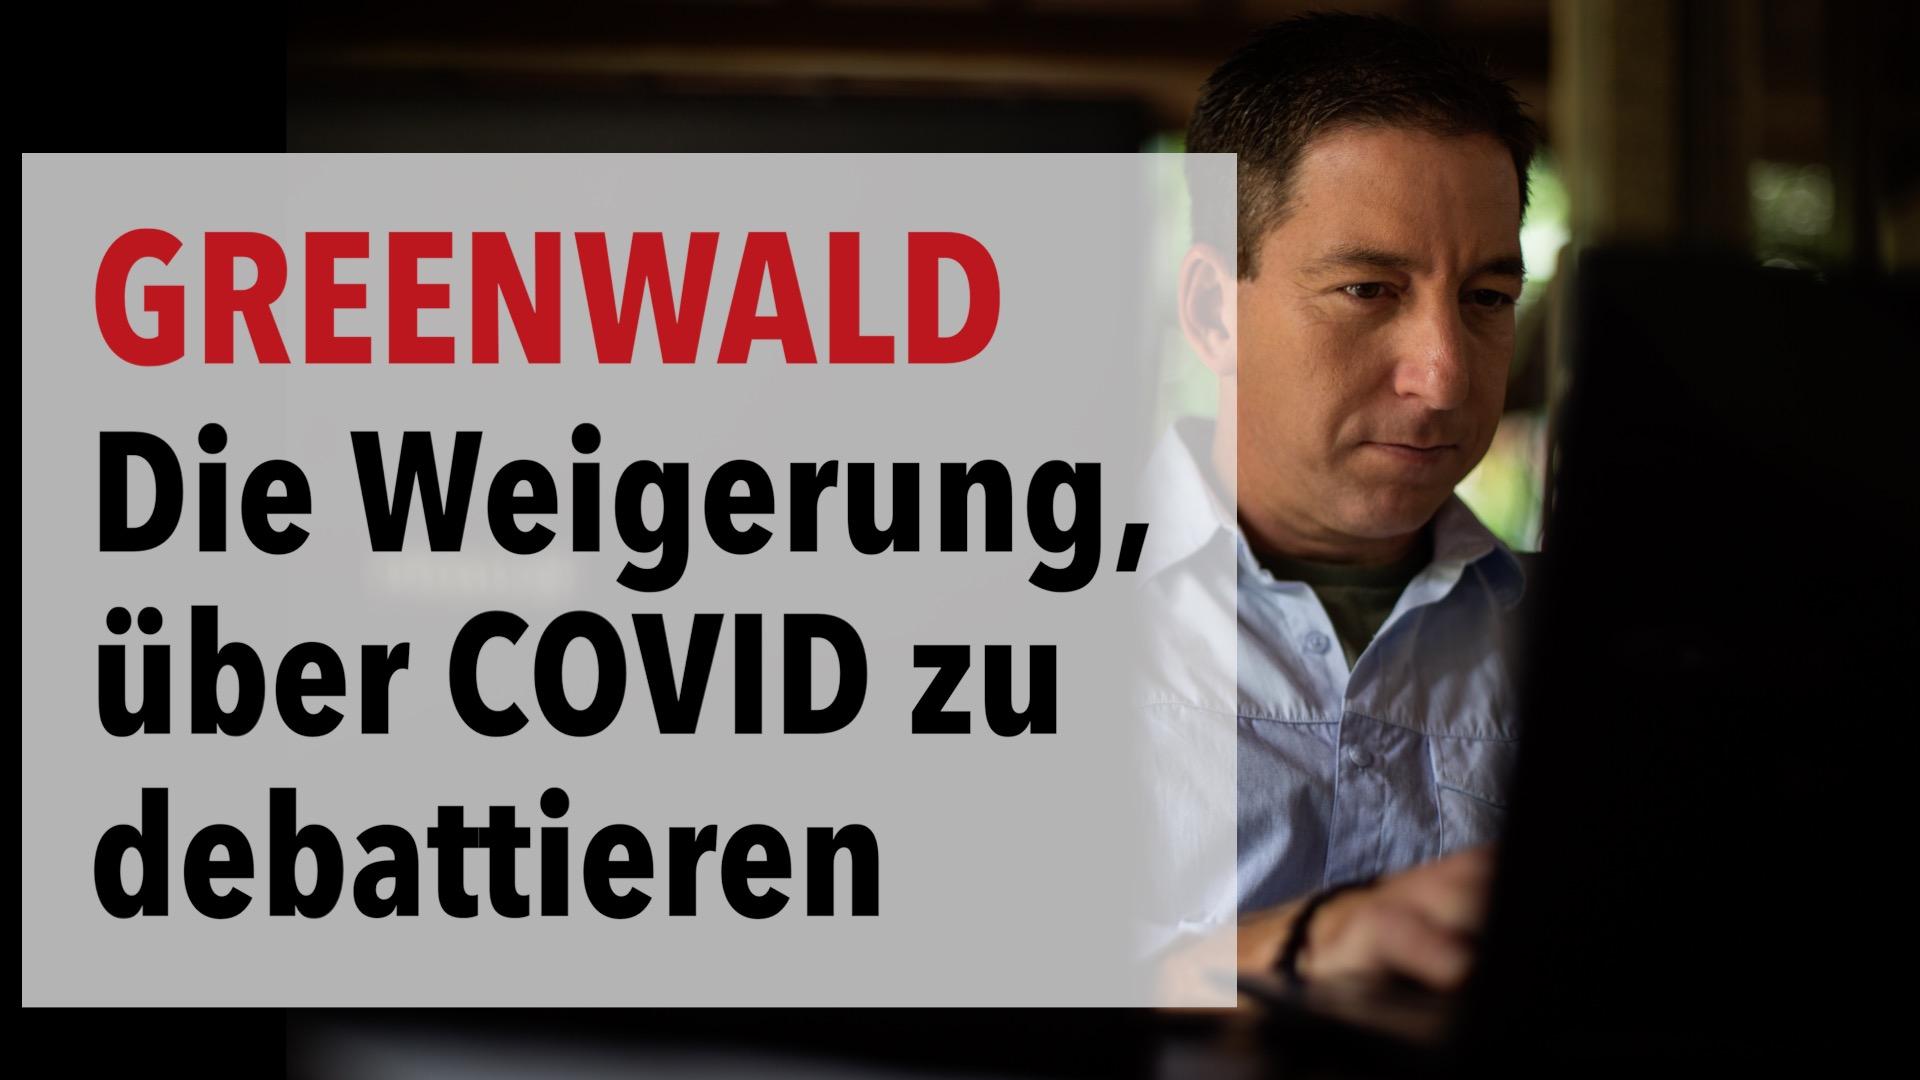 Die bizarre Weigerung, Kosten-Nutzen-Analysen bei Covid-Debatten anzuwenden | Greenwald